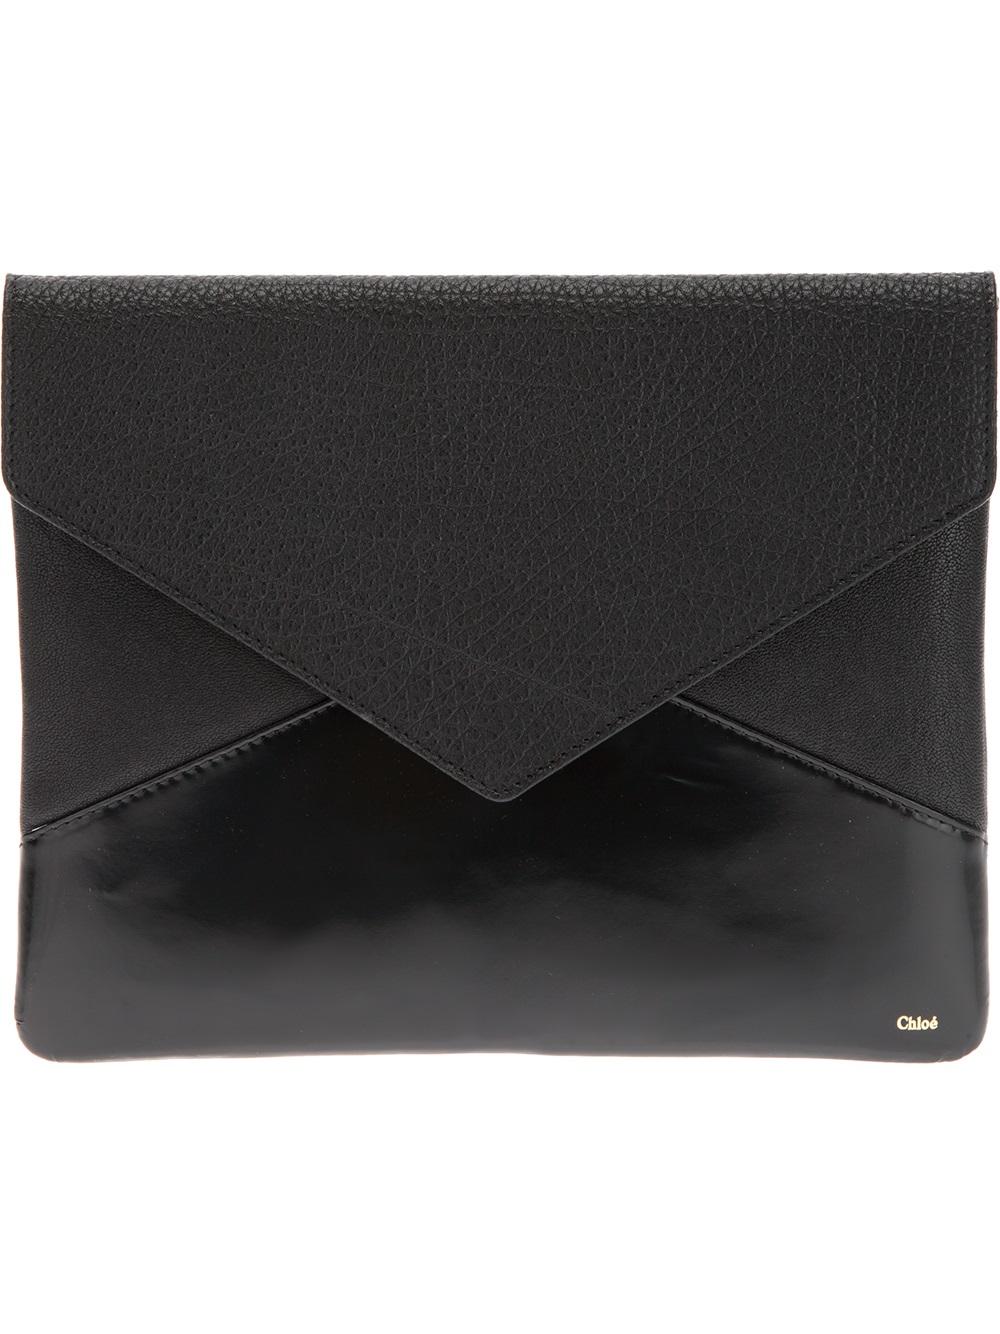 Chlo 233 Envelope Clutch In Black Lyst